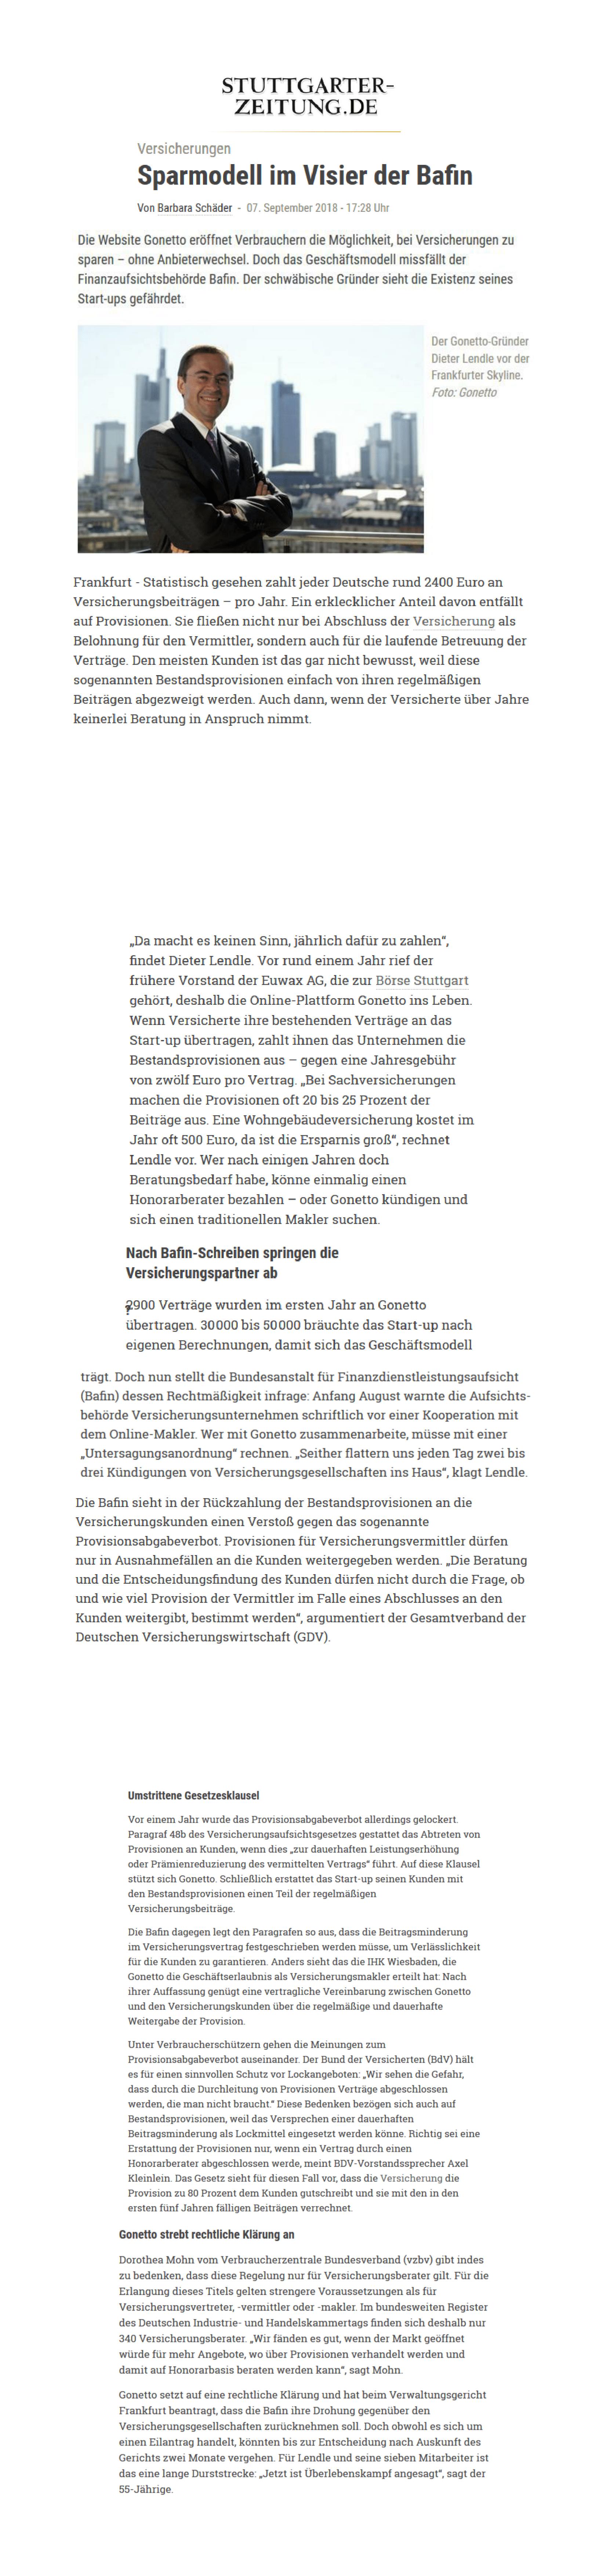 gonetto Presse-Clipping: Stuttgarter Zeitung vom  07. September 2018 - 07.09.2018 - Sparmodell im Visier der Bafin